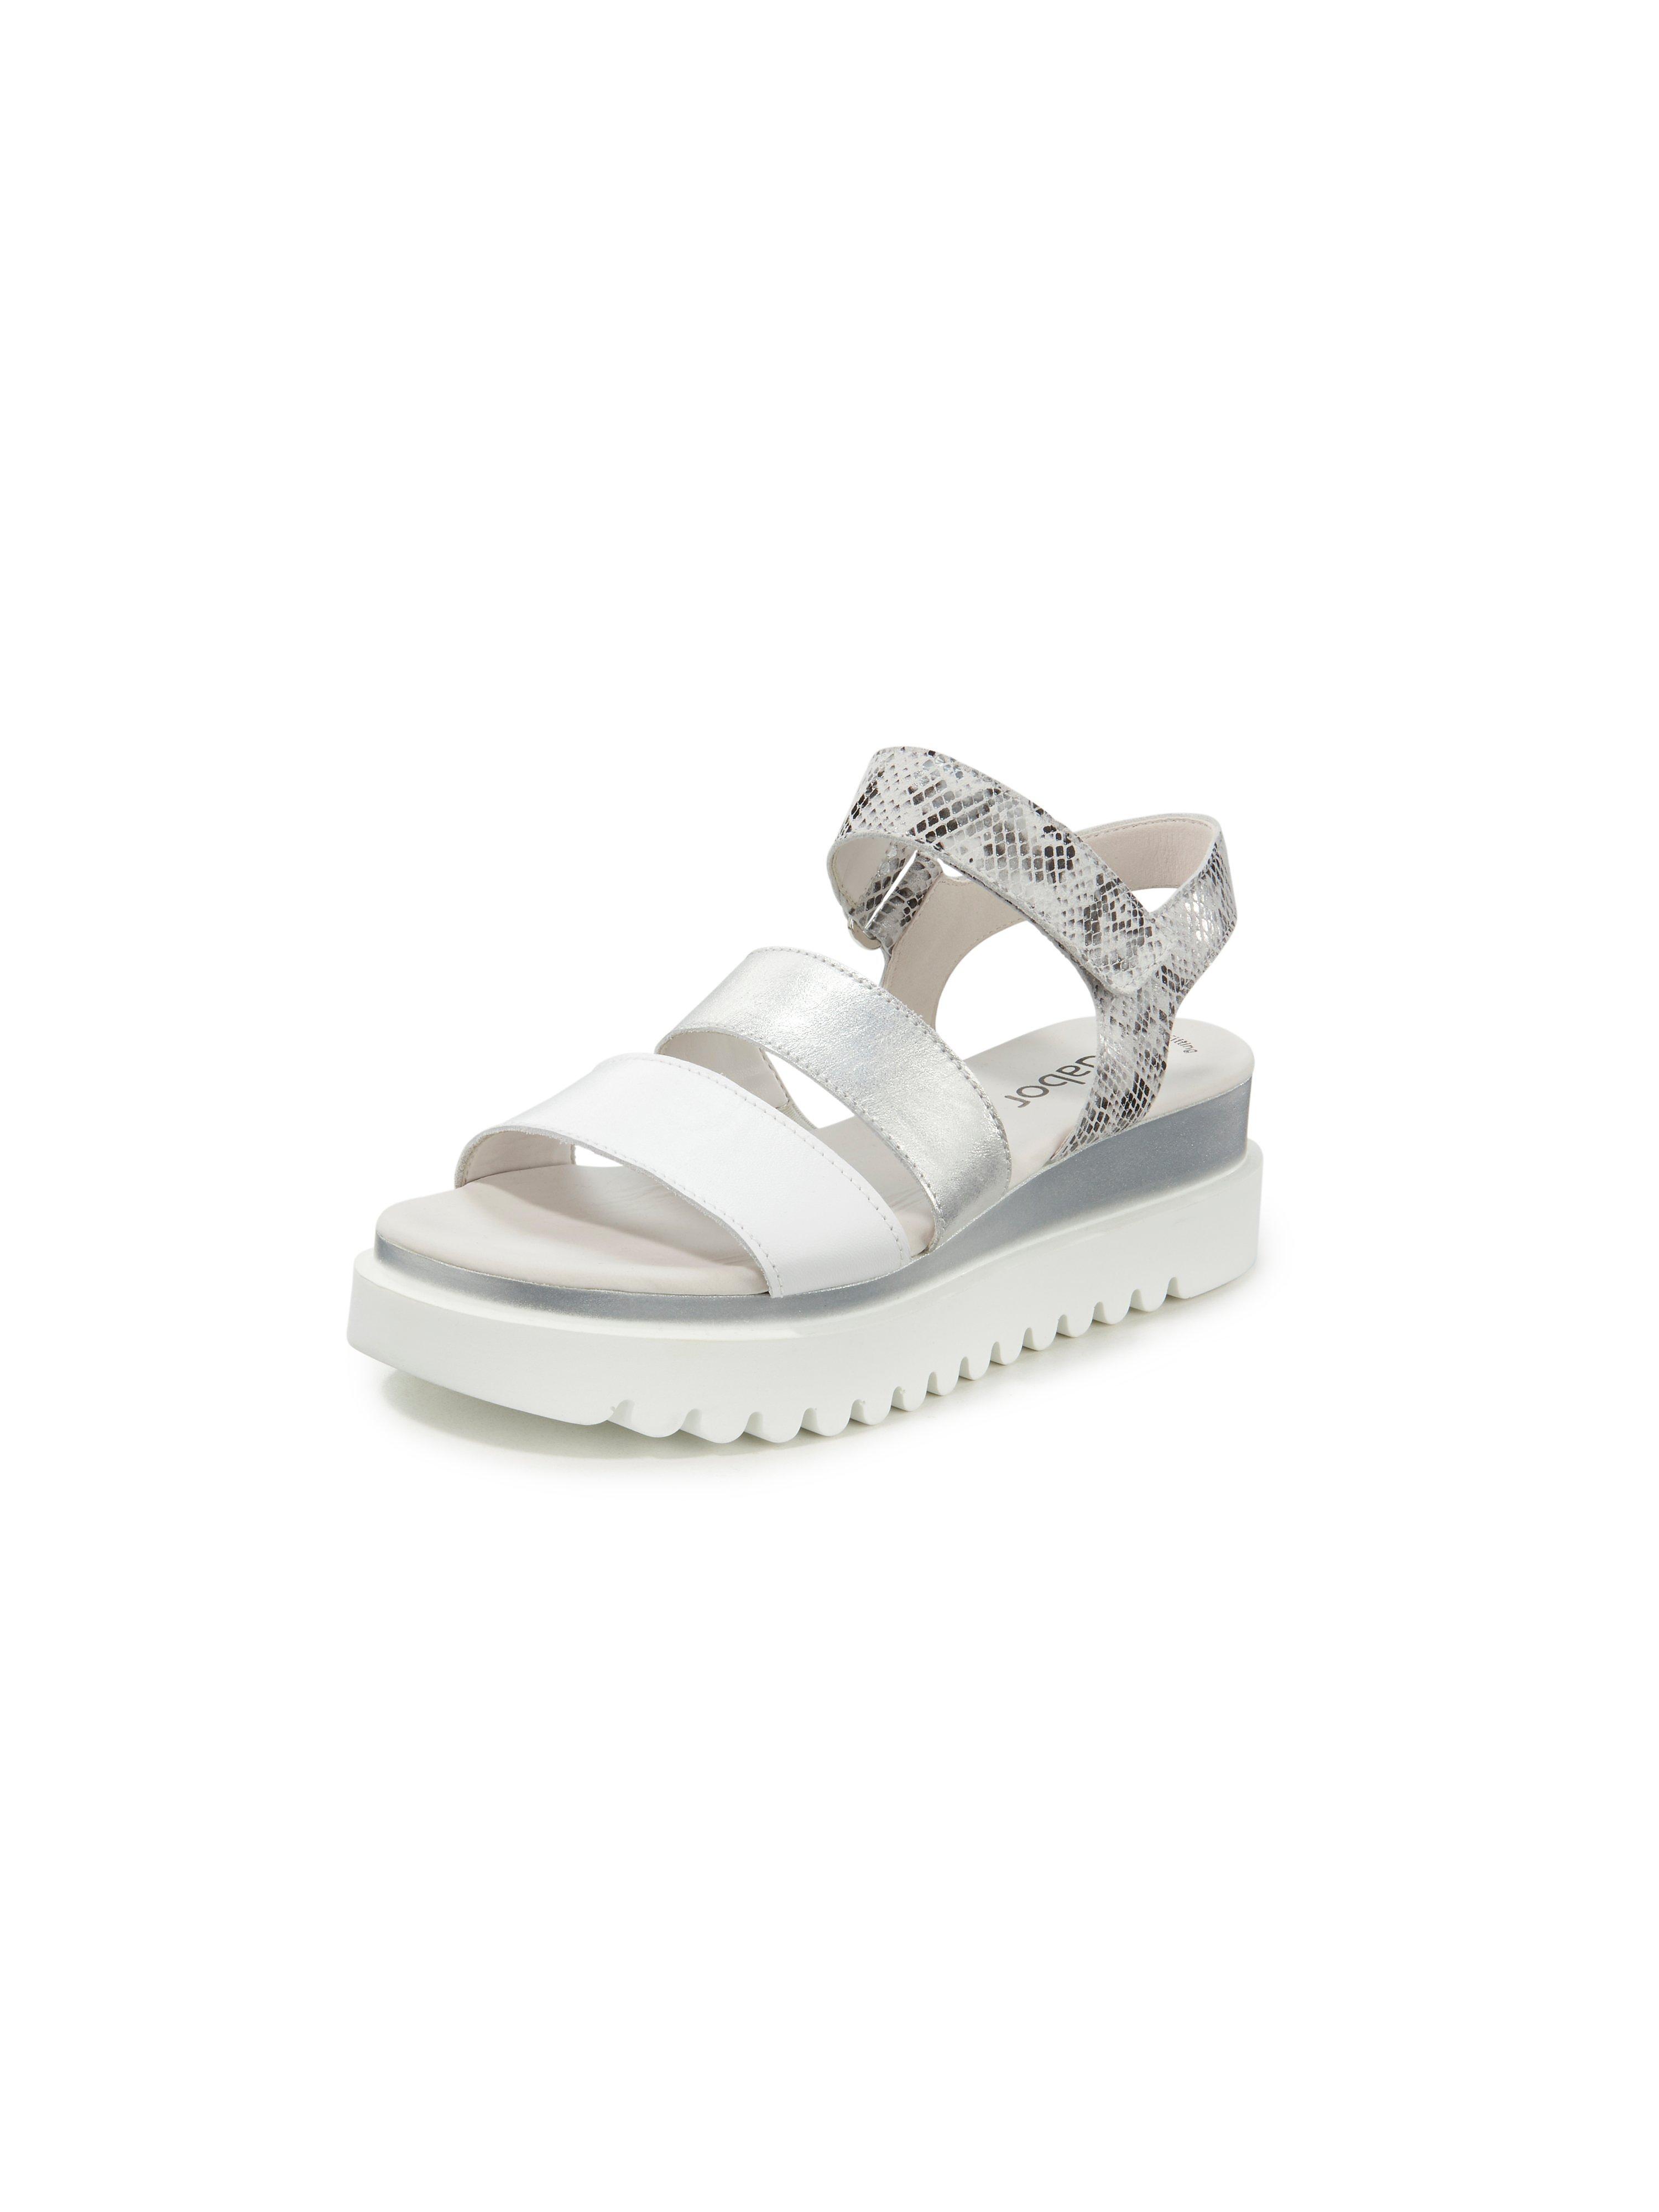 Platform sandals Gabor white